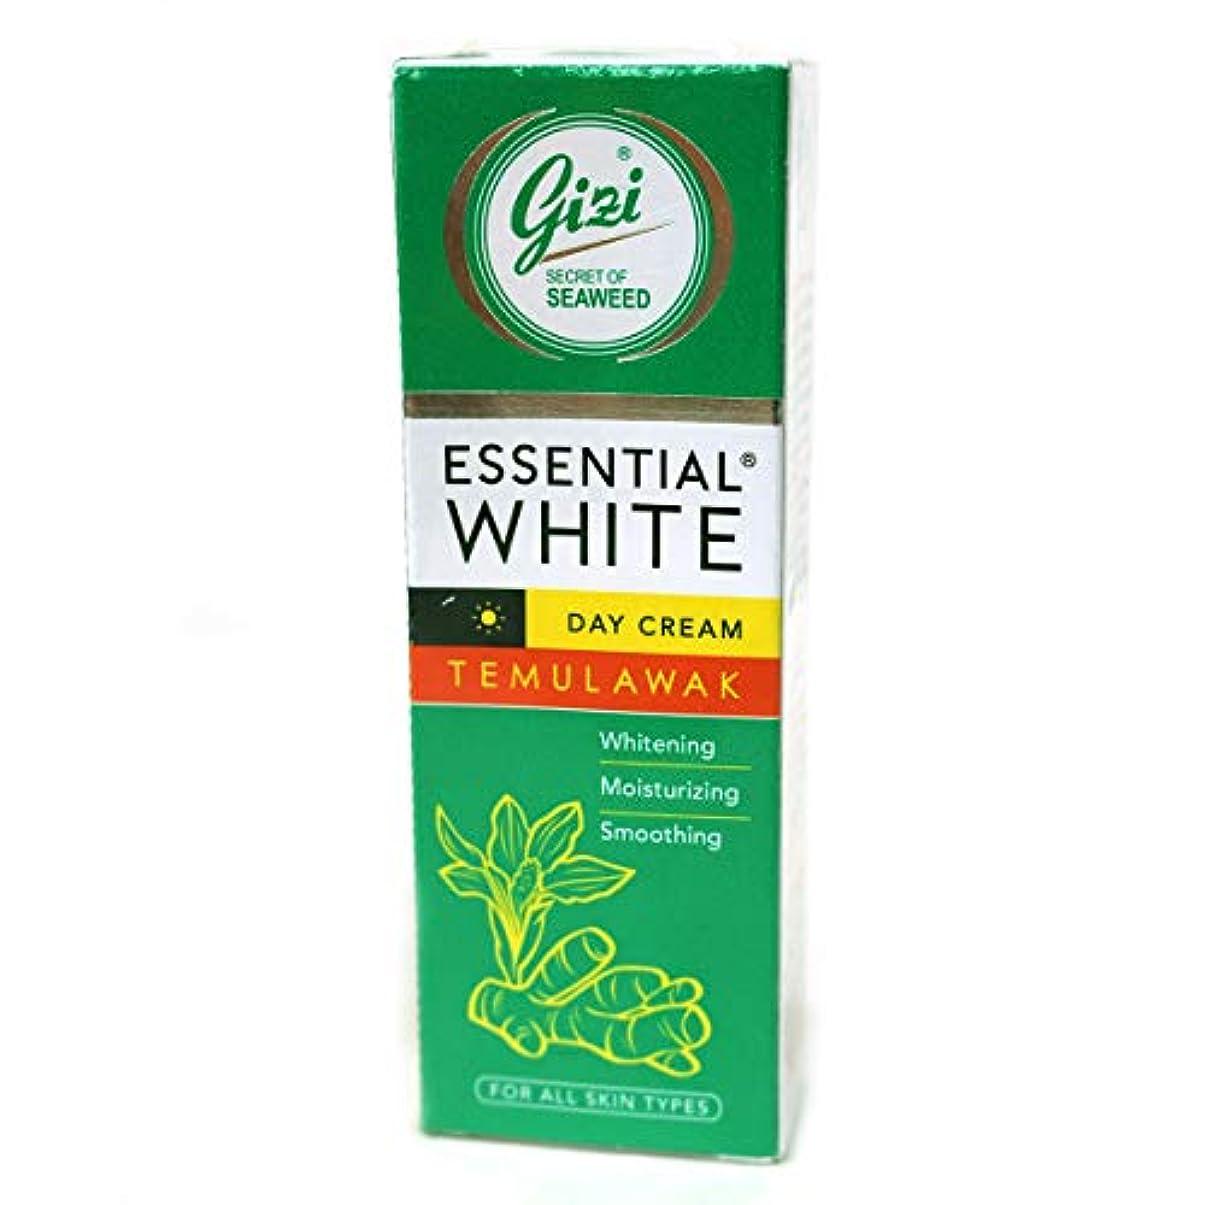 刺繍海軍やめるギジ gizi Essential White 日中用スキンケアクリーム チューブタイプ 18g テムラワク ウコン など天然成分配合 [海外直送品]